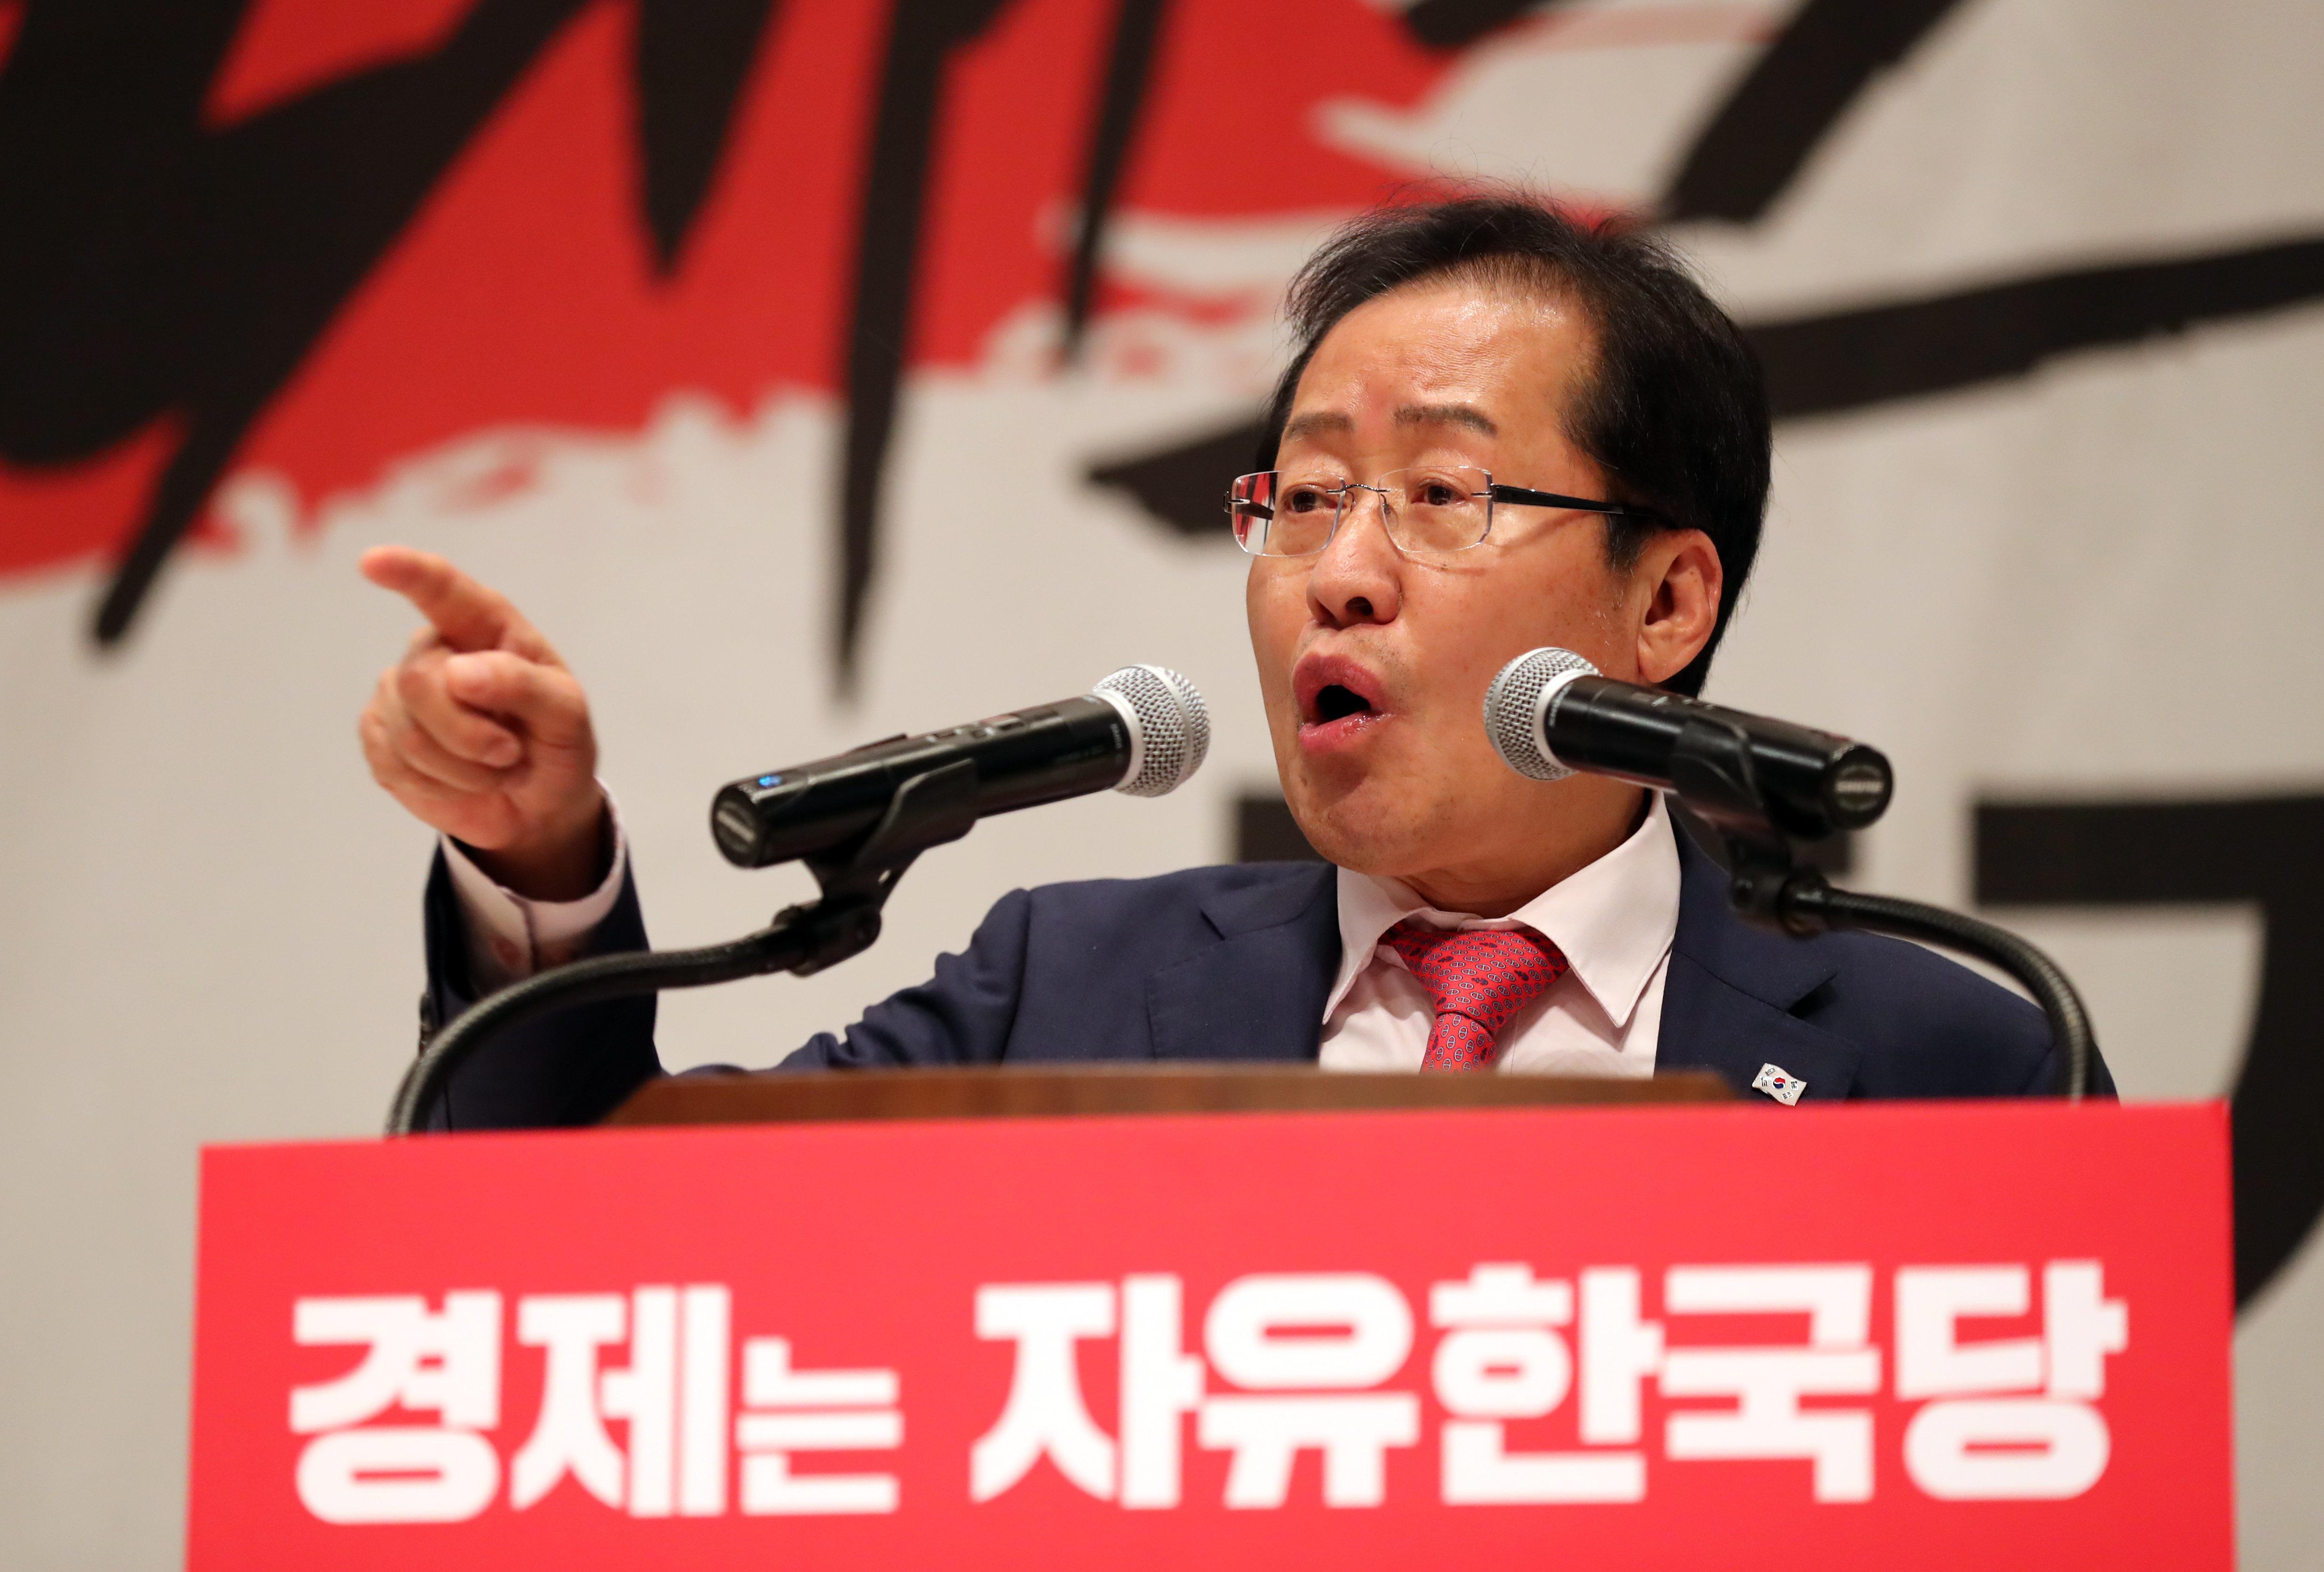 홍준표는 백악관에 '북핵 폐기 요구사항' 서한을 보낼 계획이다